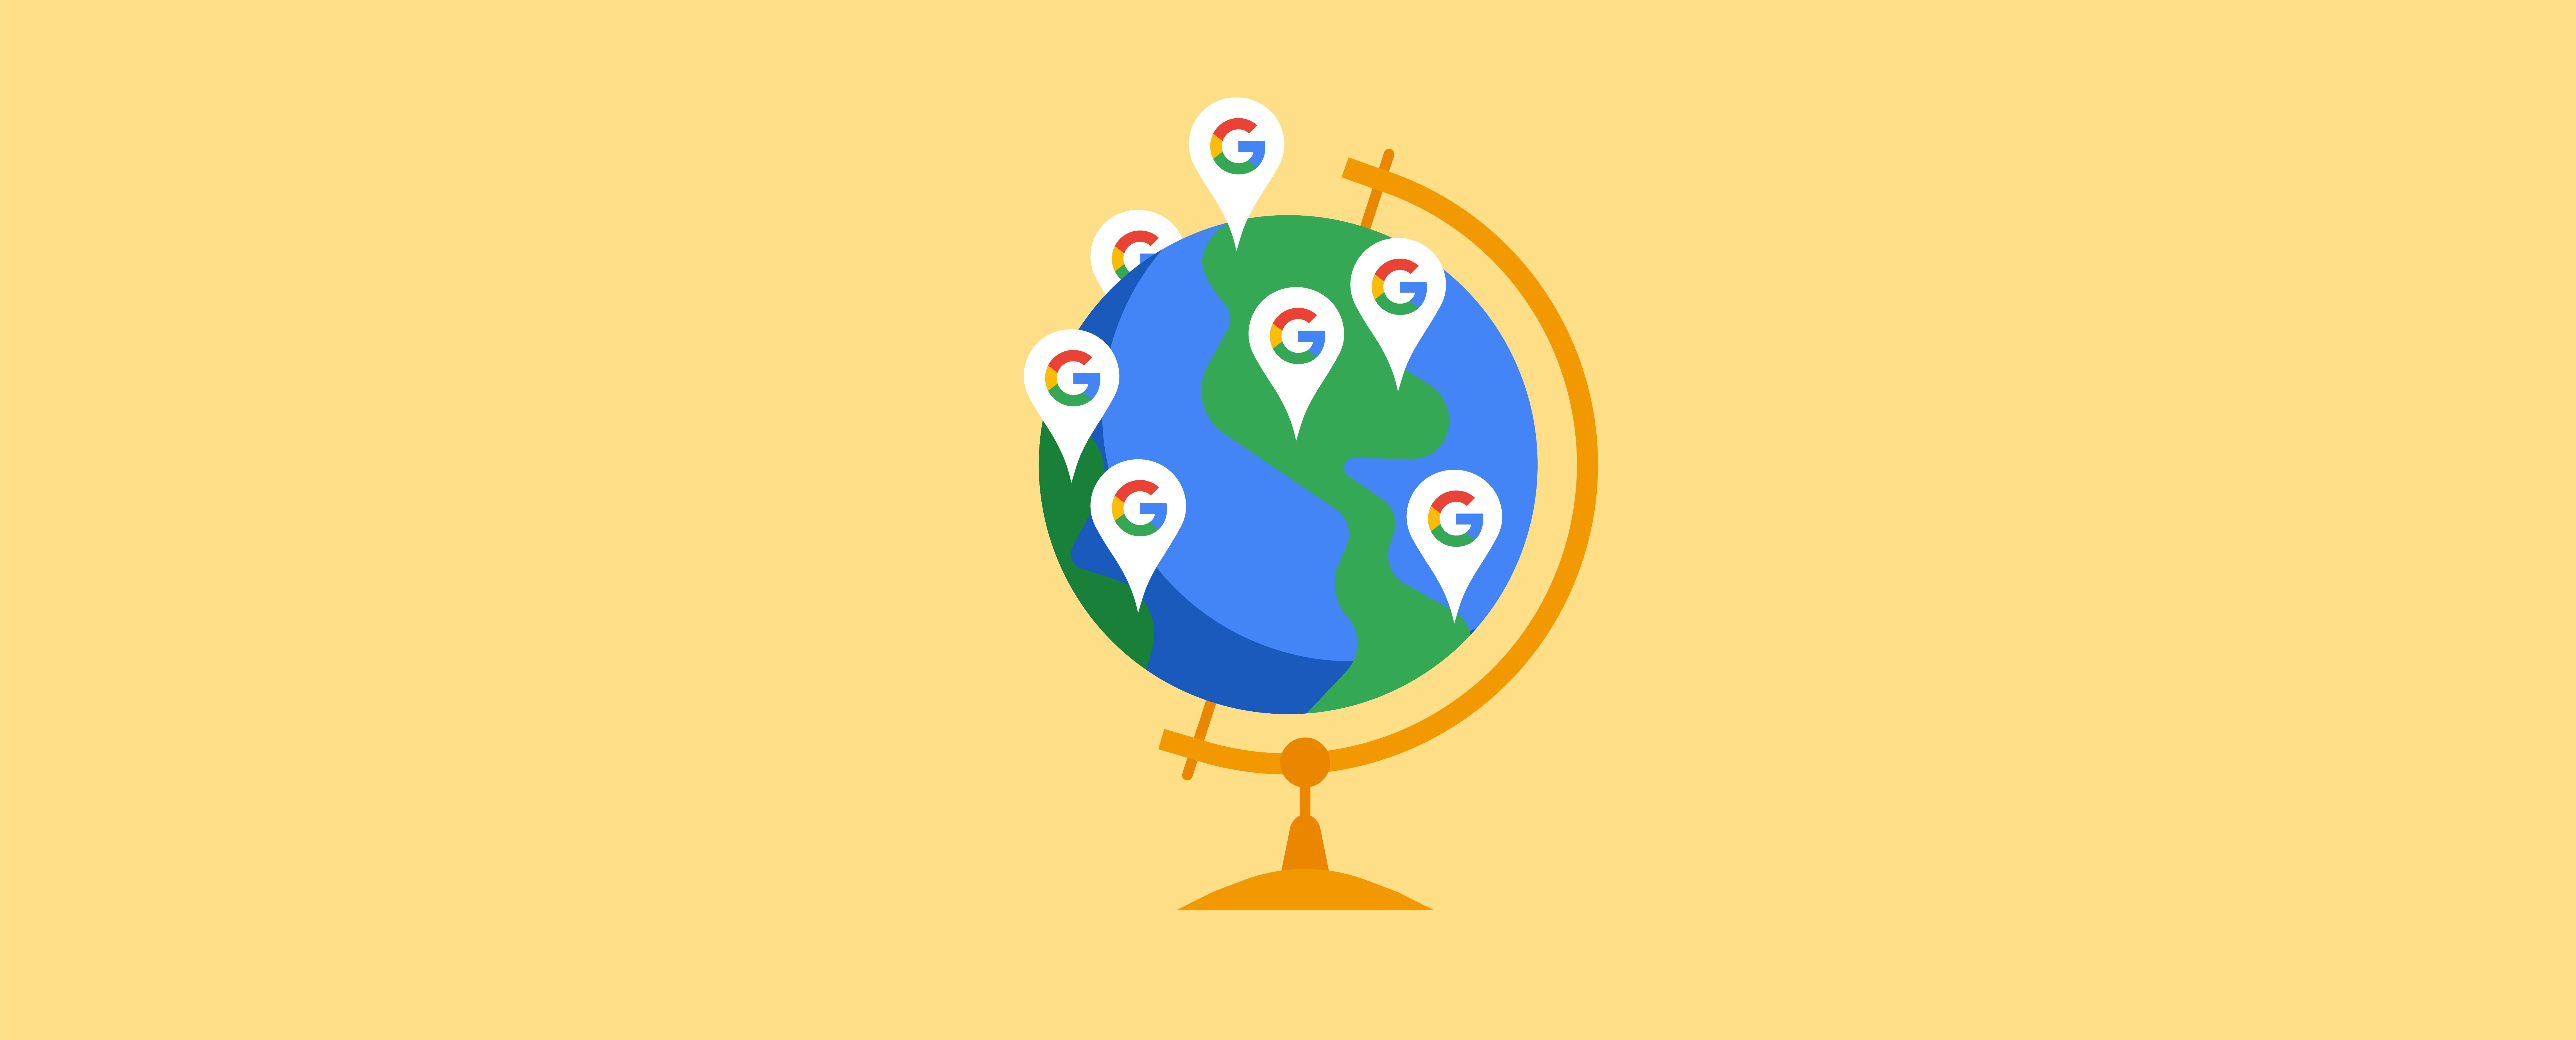 distributed_googleworkforce_hero.jpg